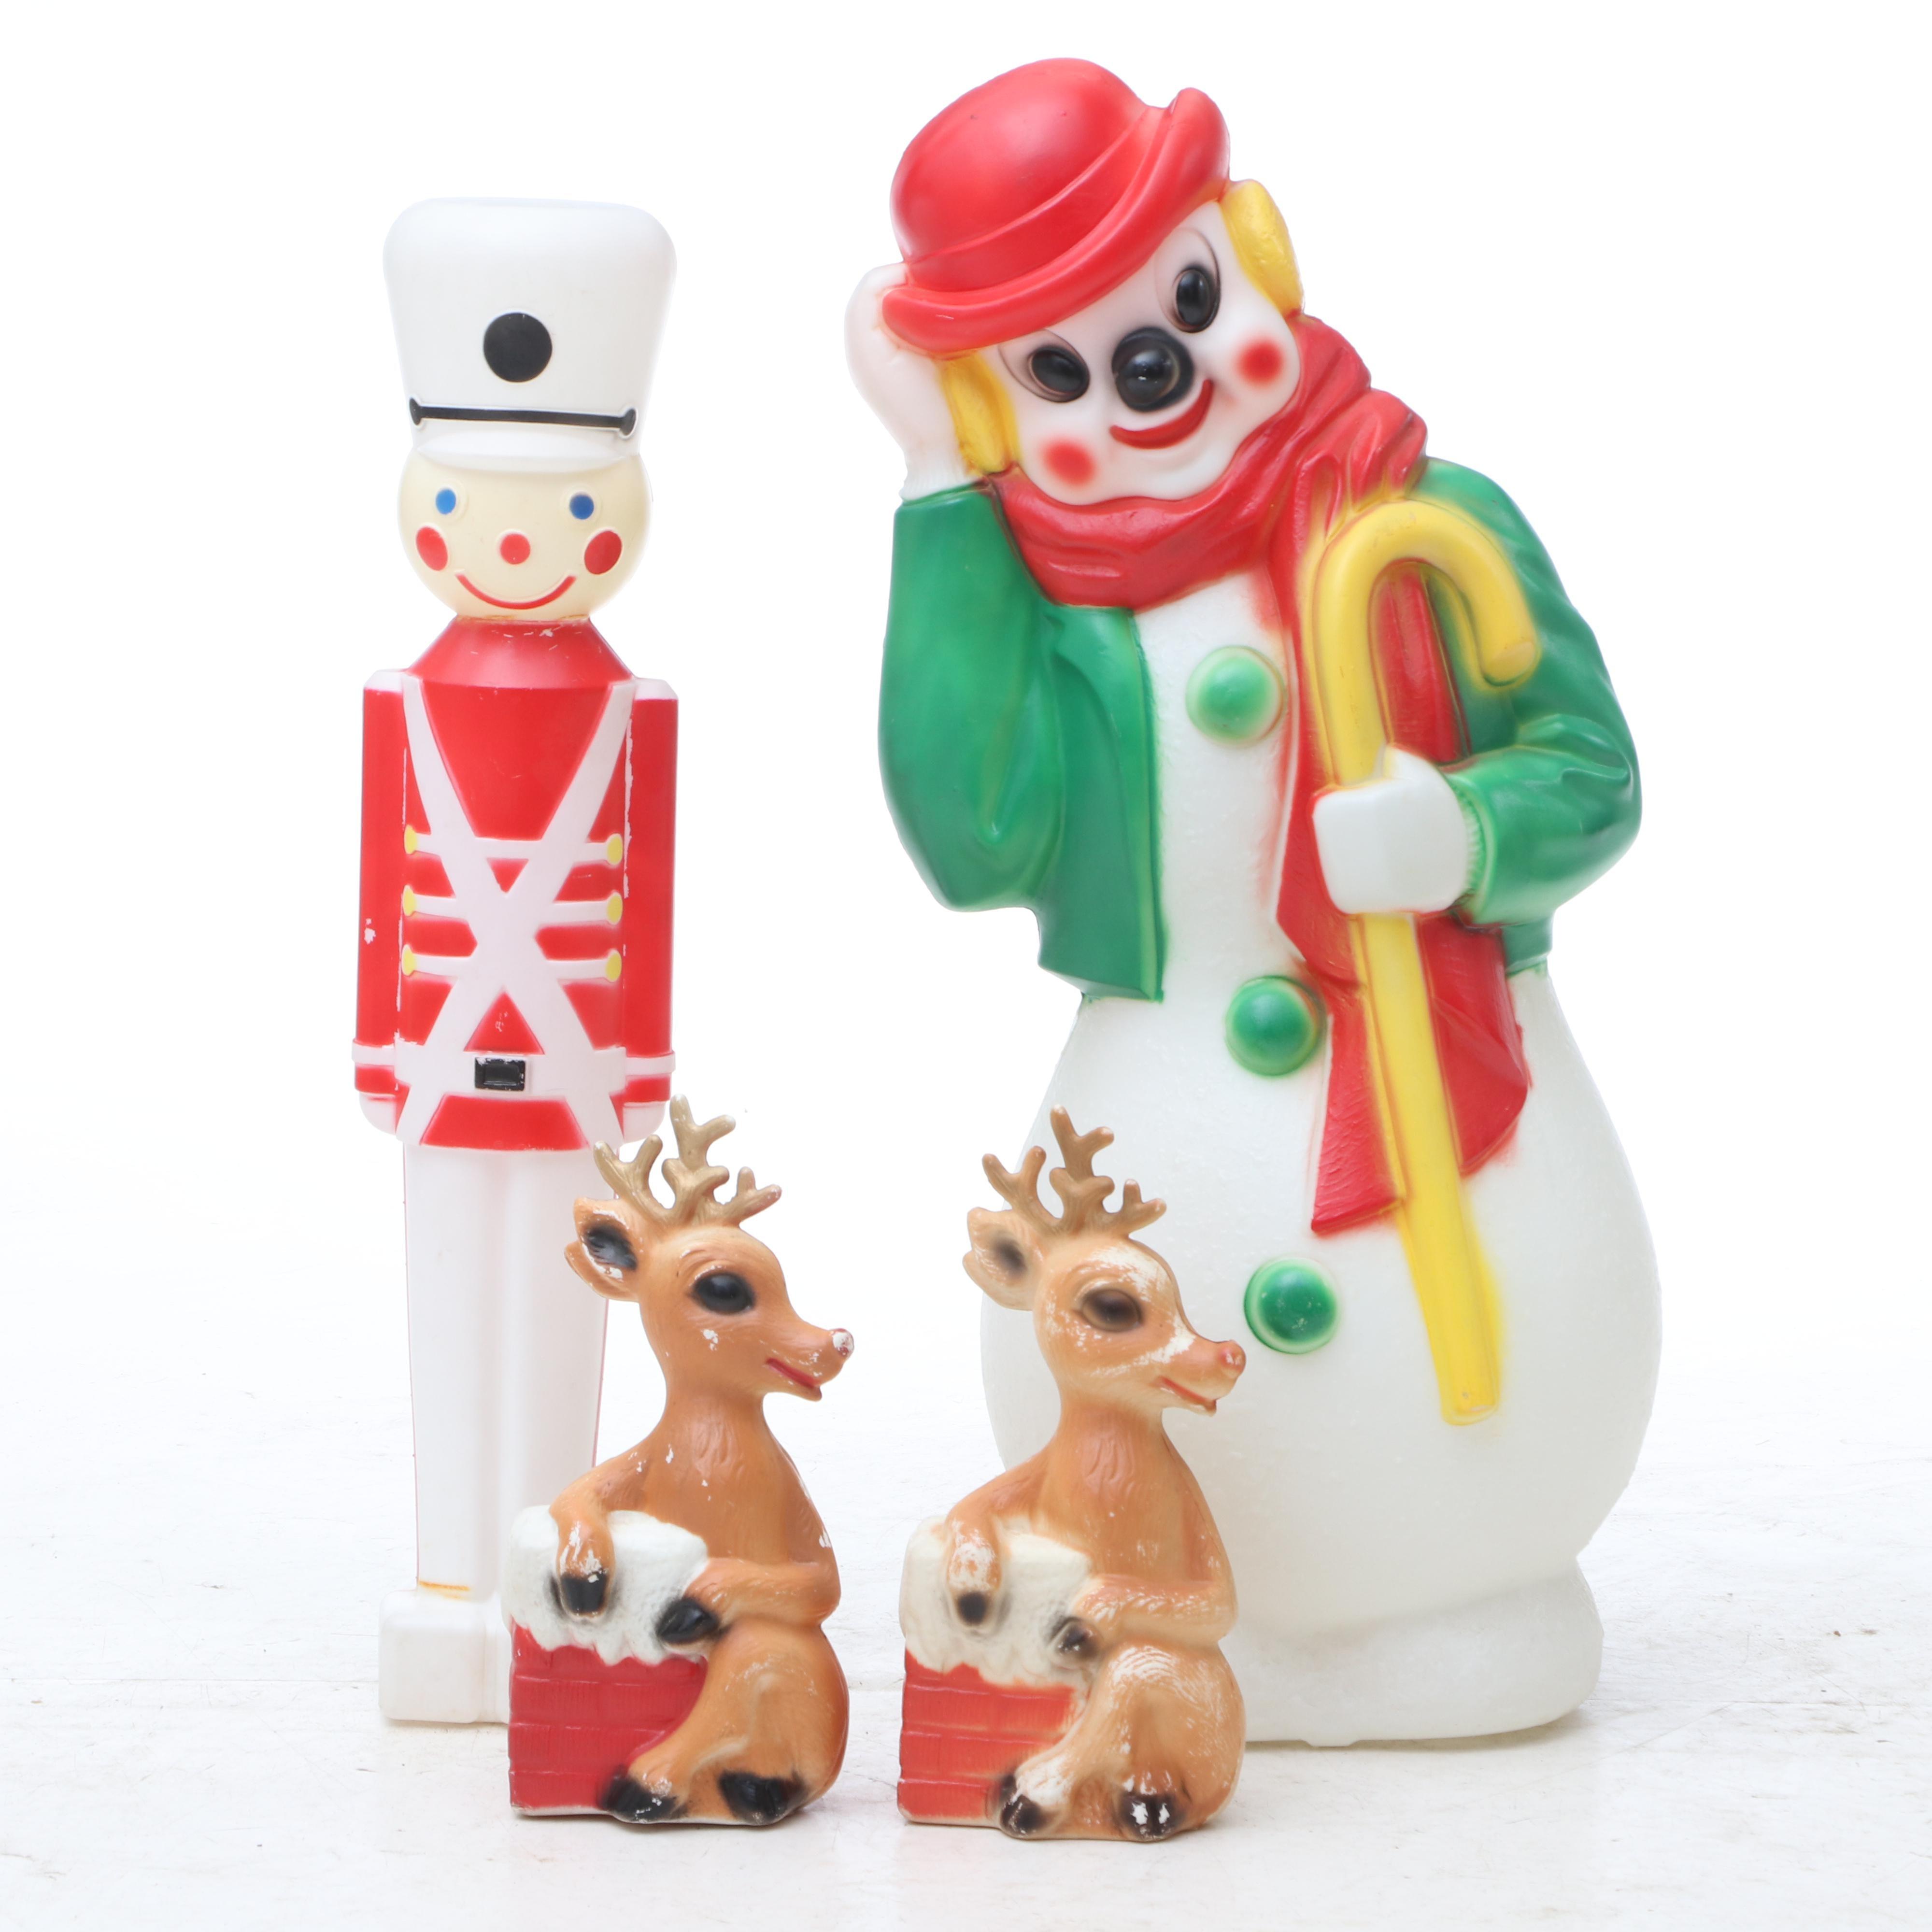 Vintage Bubble Figure Christmas Figurines